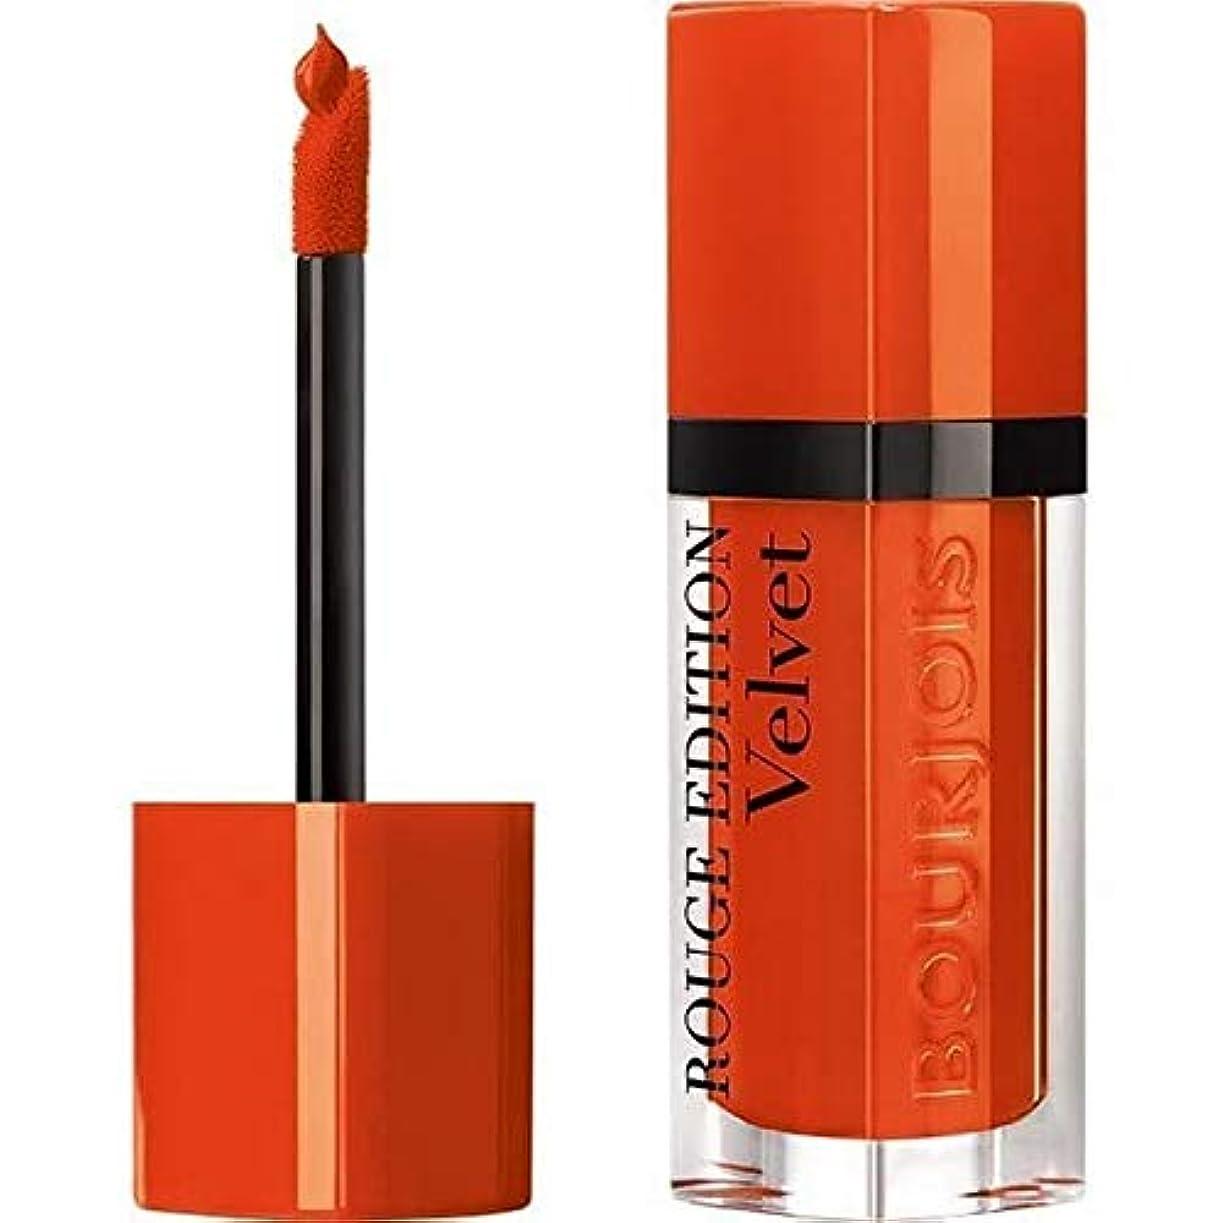 重要なトレイワックス[Bourjois ] ブルジョワ液状口紅ルージュ版ベルベットOranginal 30 - Bourjois Liquid Lipstick Rouge Edition Velvet Oranginal 30 [並行輸入品]